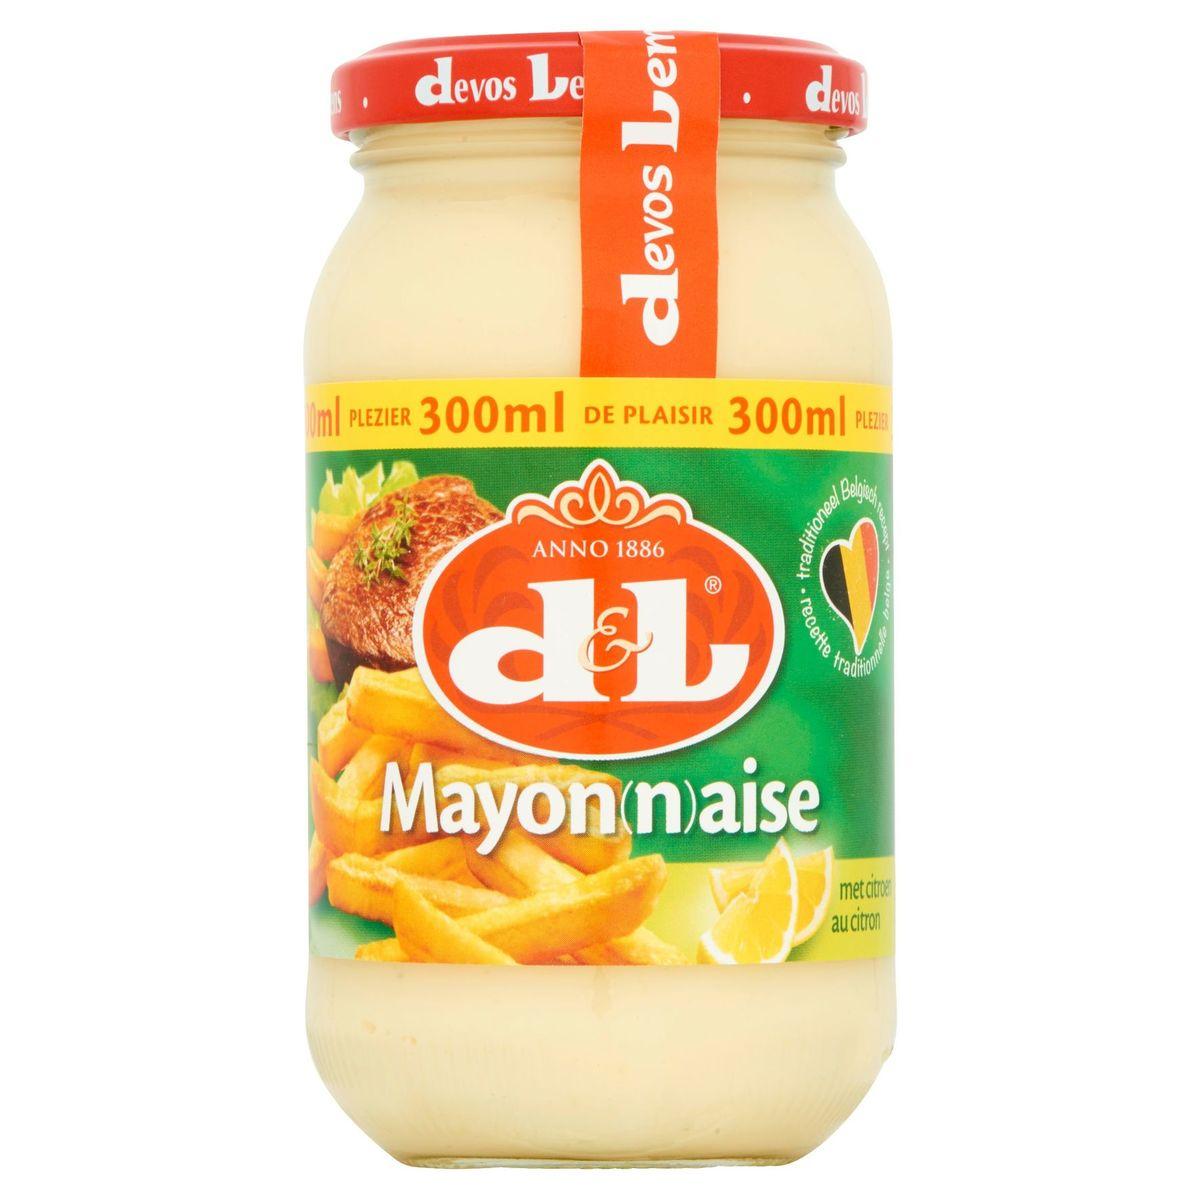 Devos Lemmens Mayonnaise au Citron 300 ml